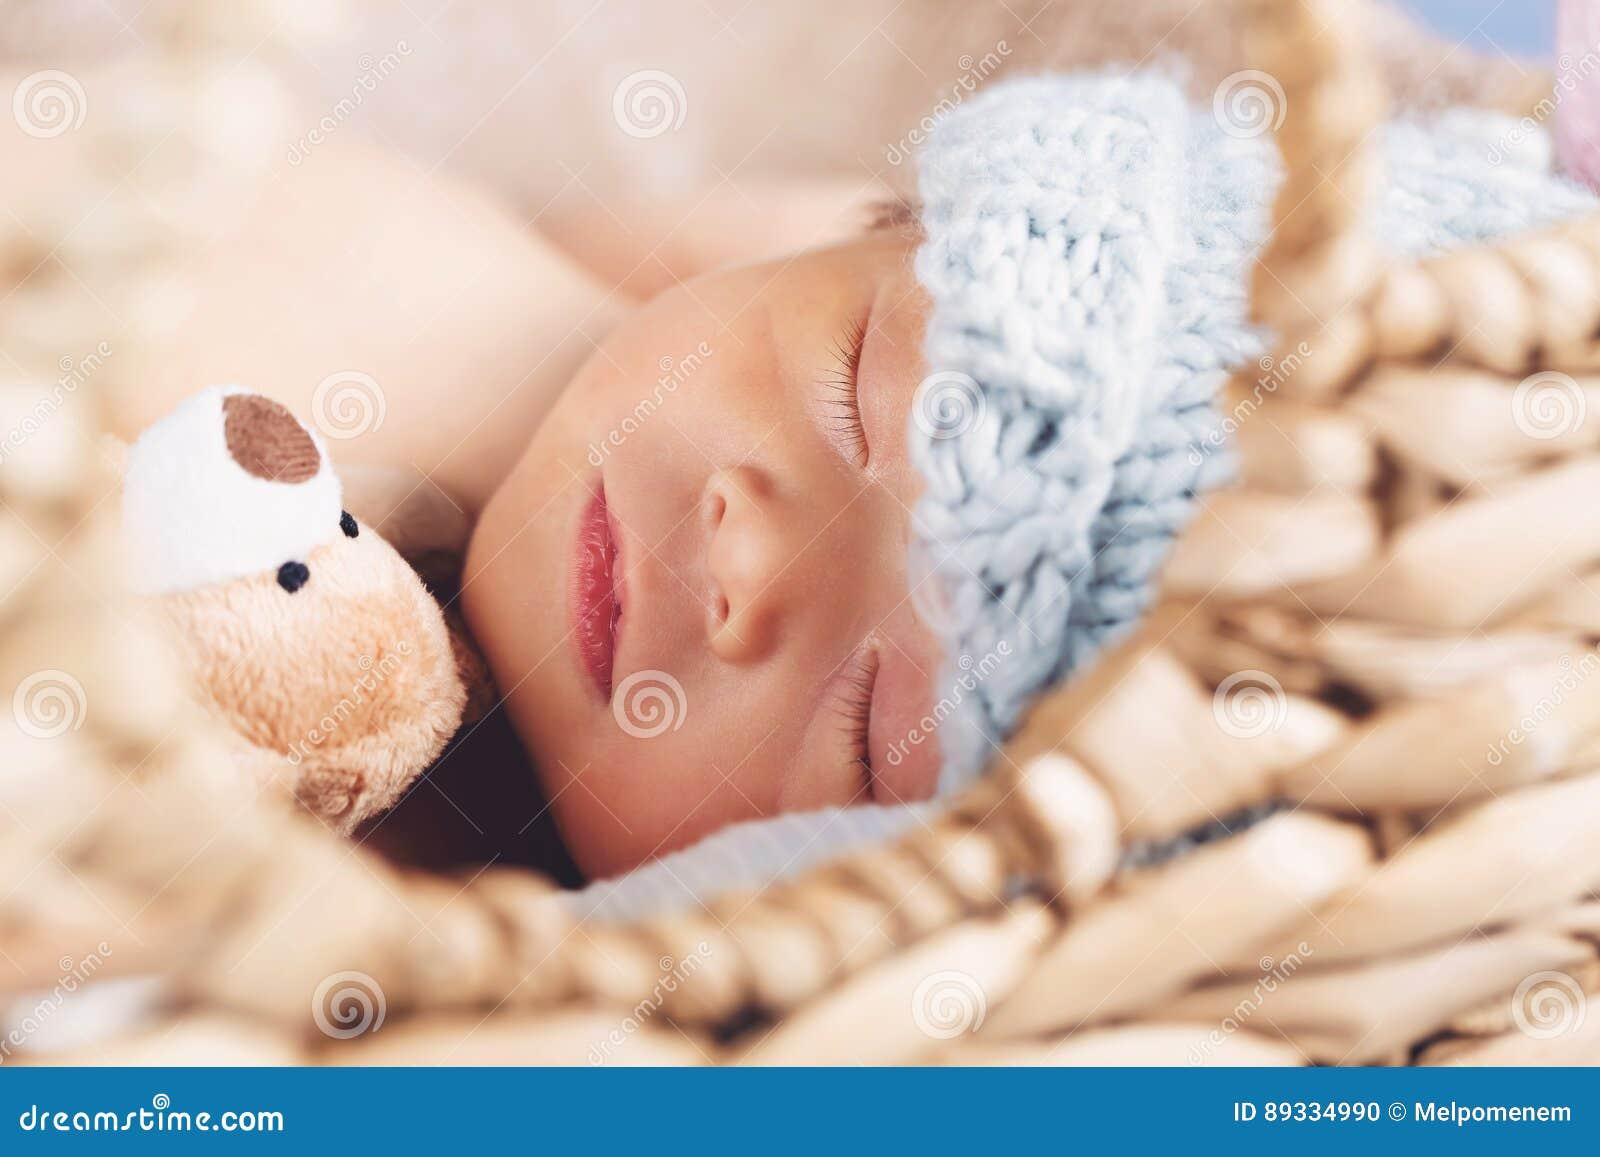 Bebê recém-nascido em uma cesta